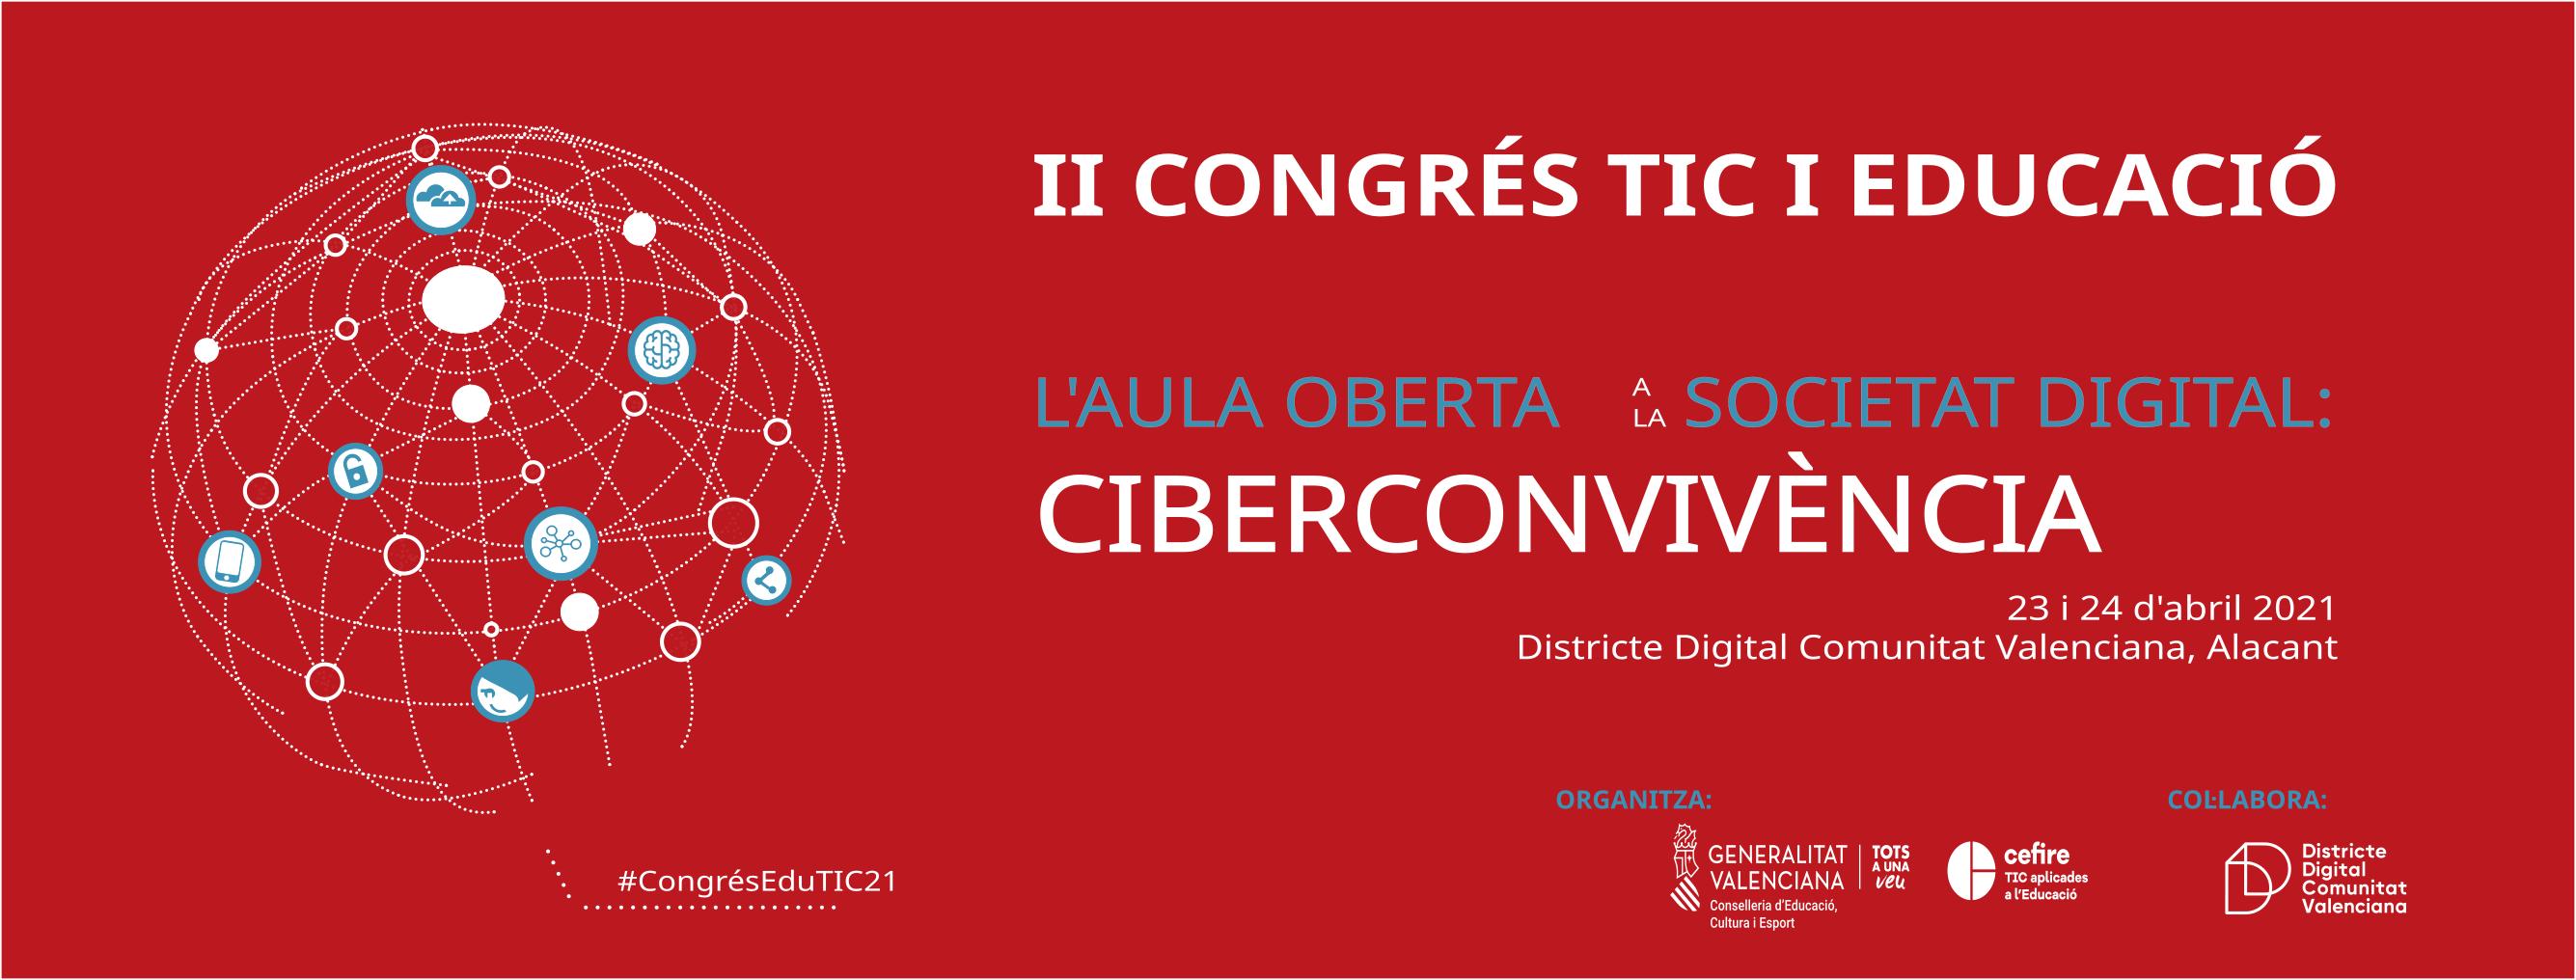 banner_IIcongresTIC_va